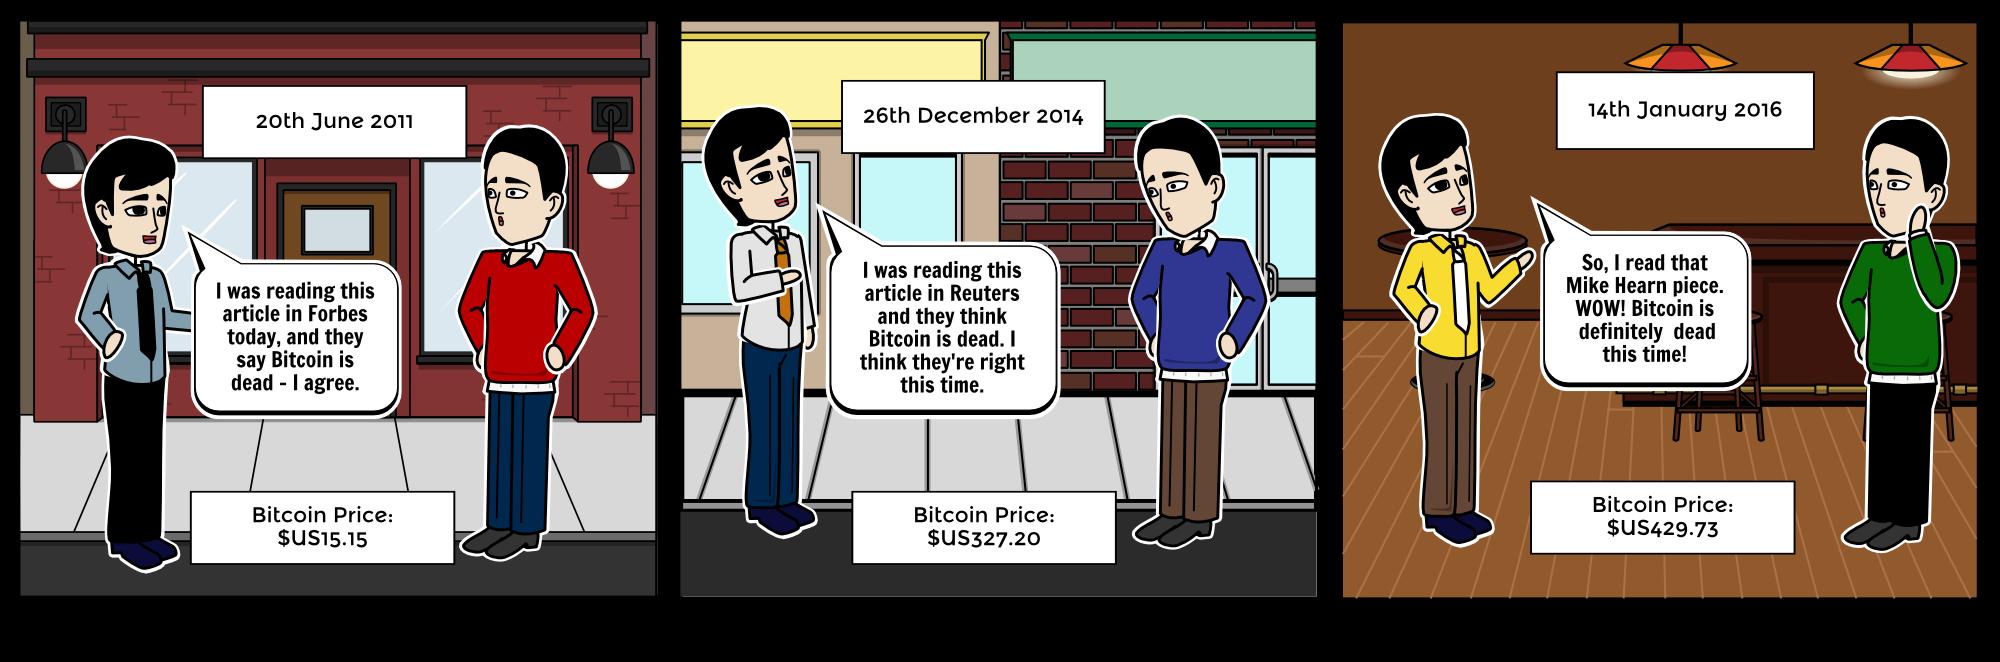 Bitcoin-Is-Dead-Again